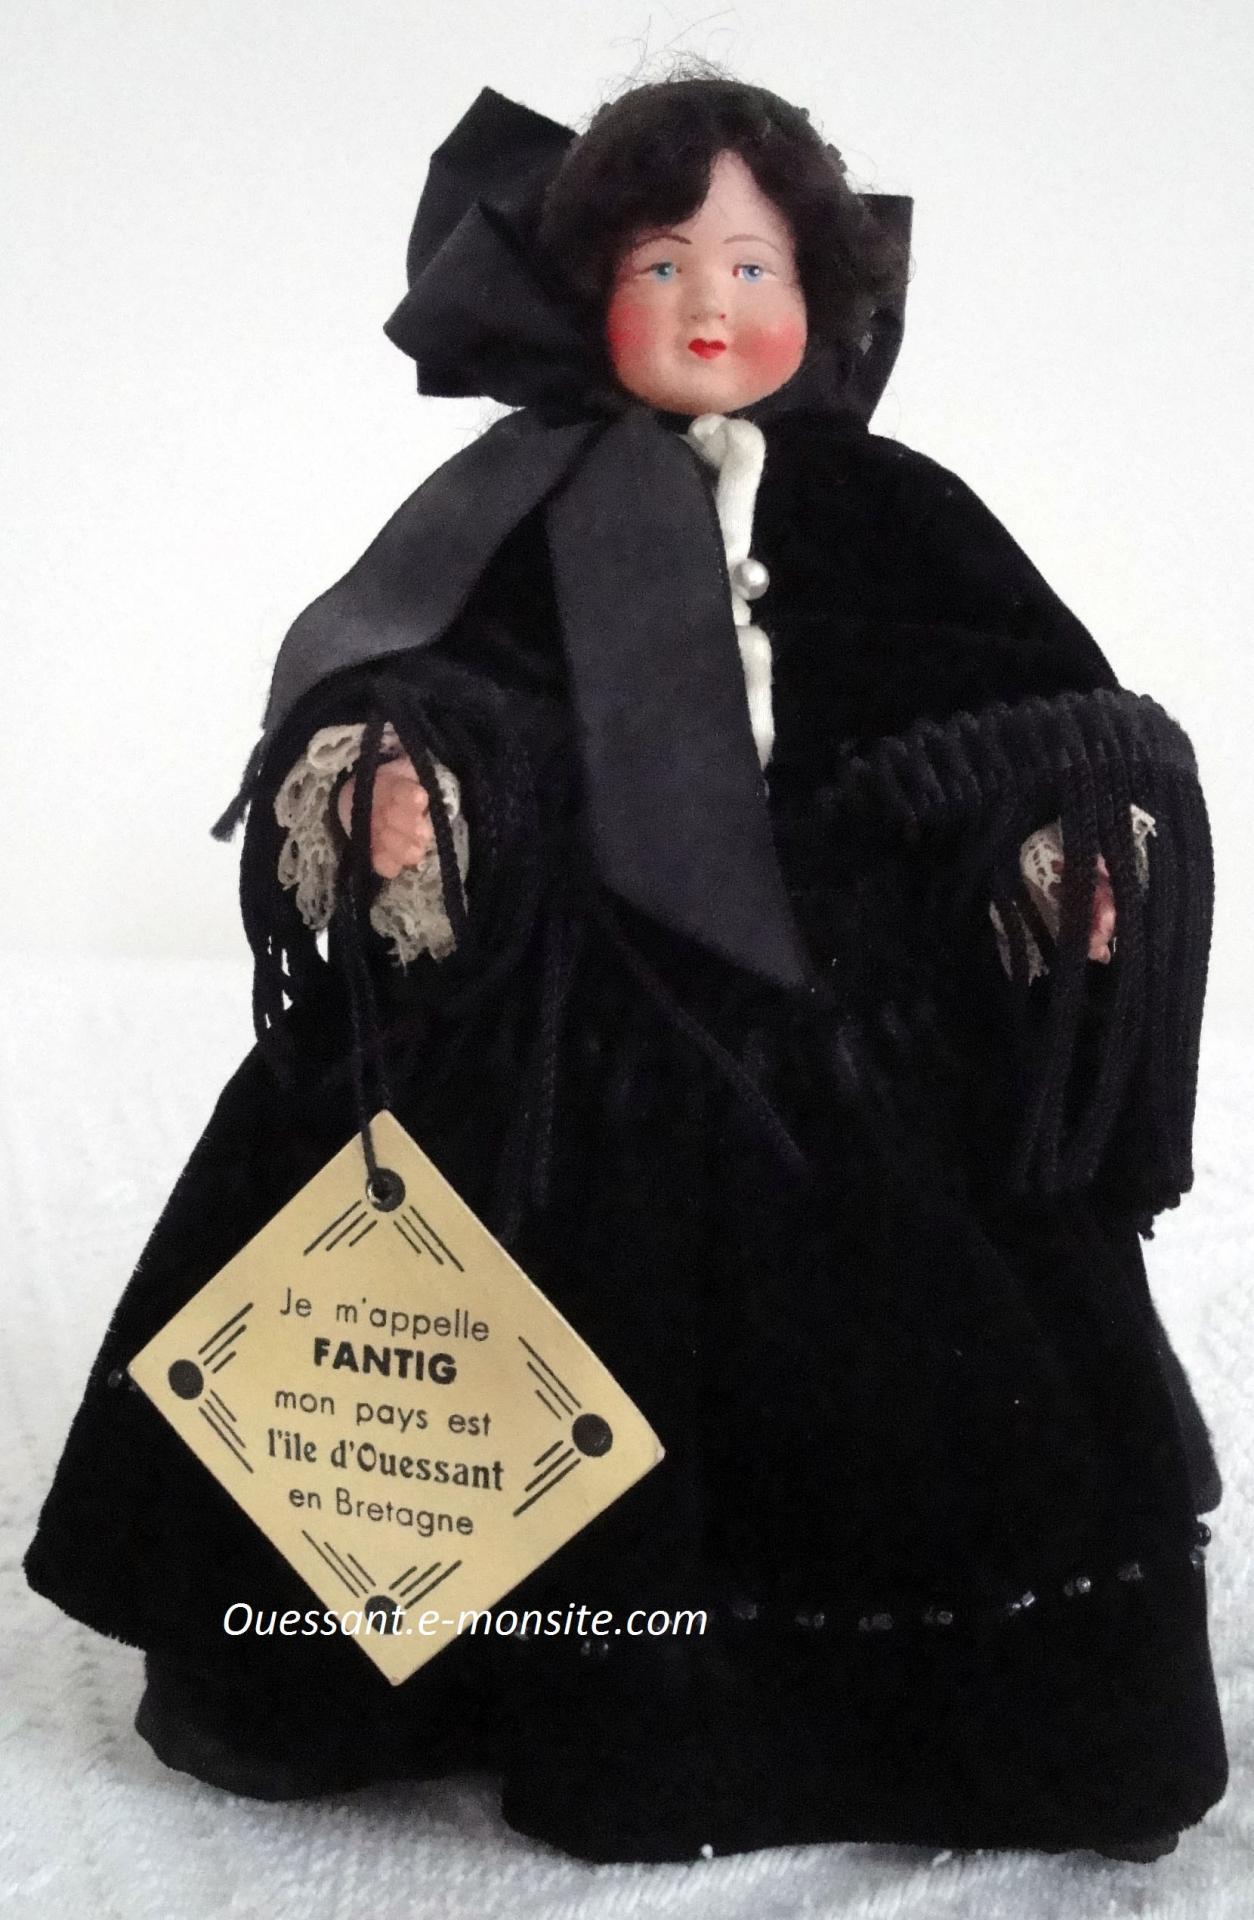 Iledouessant poupee20cm leminor fantig 1930